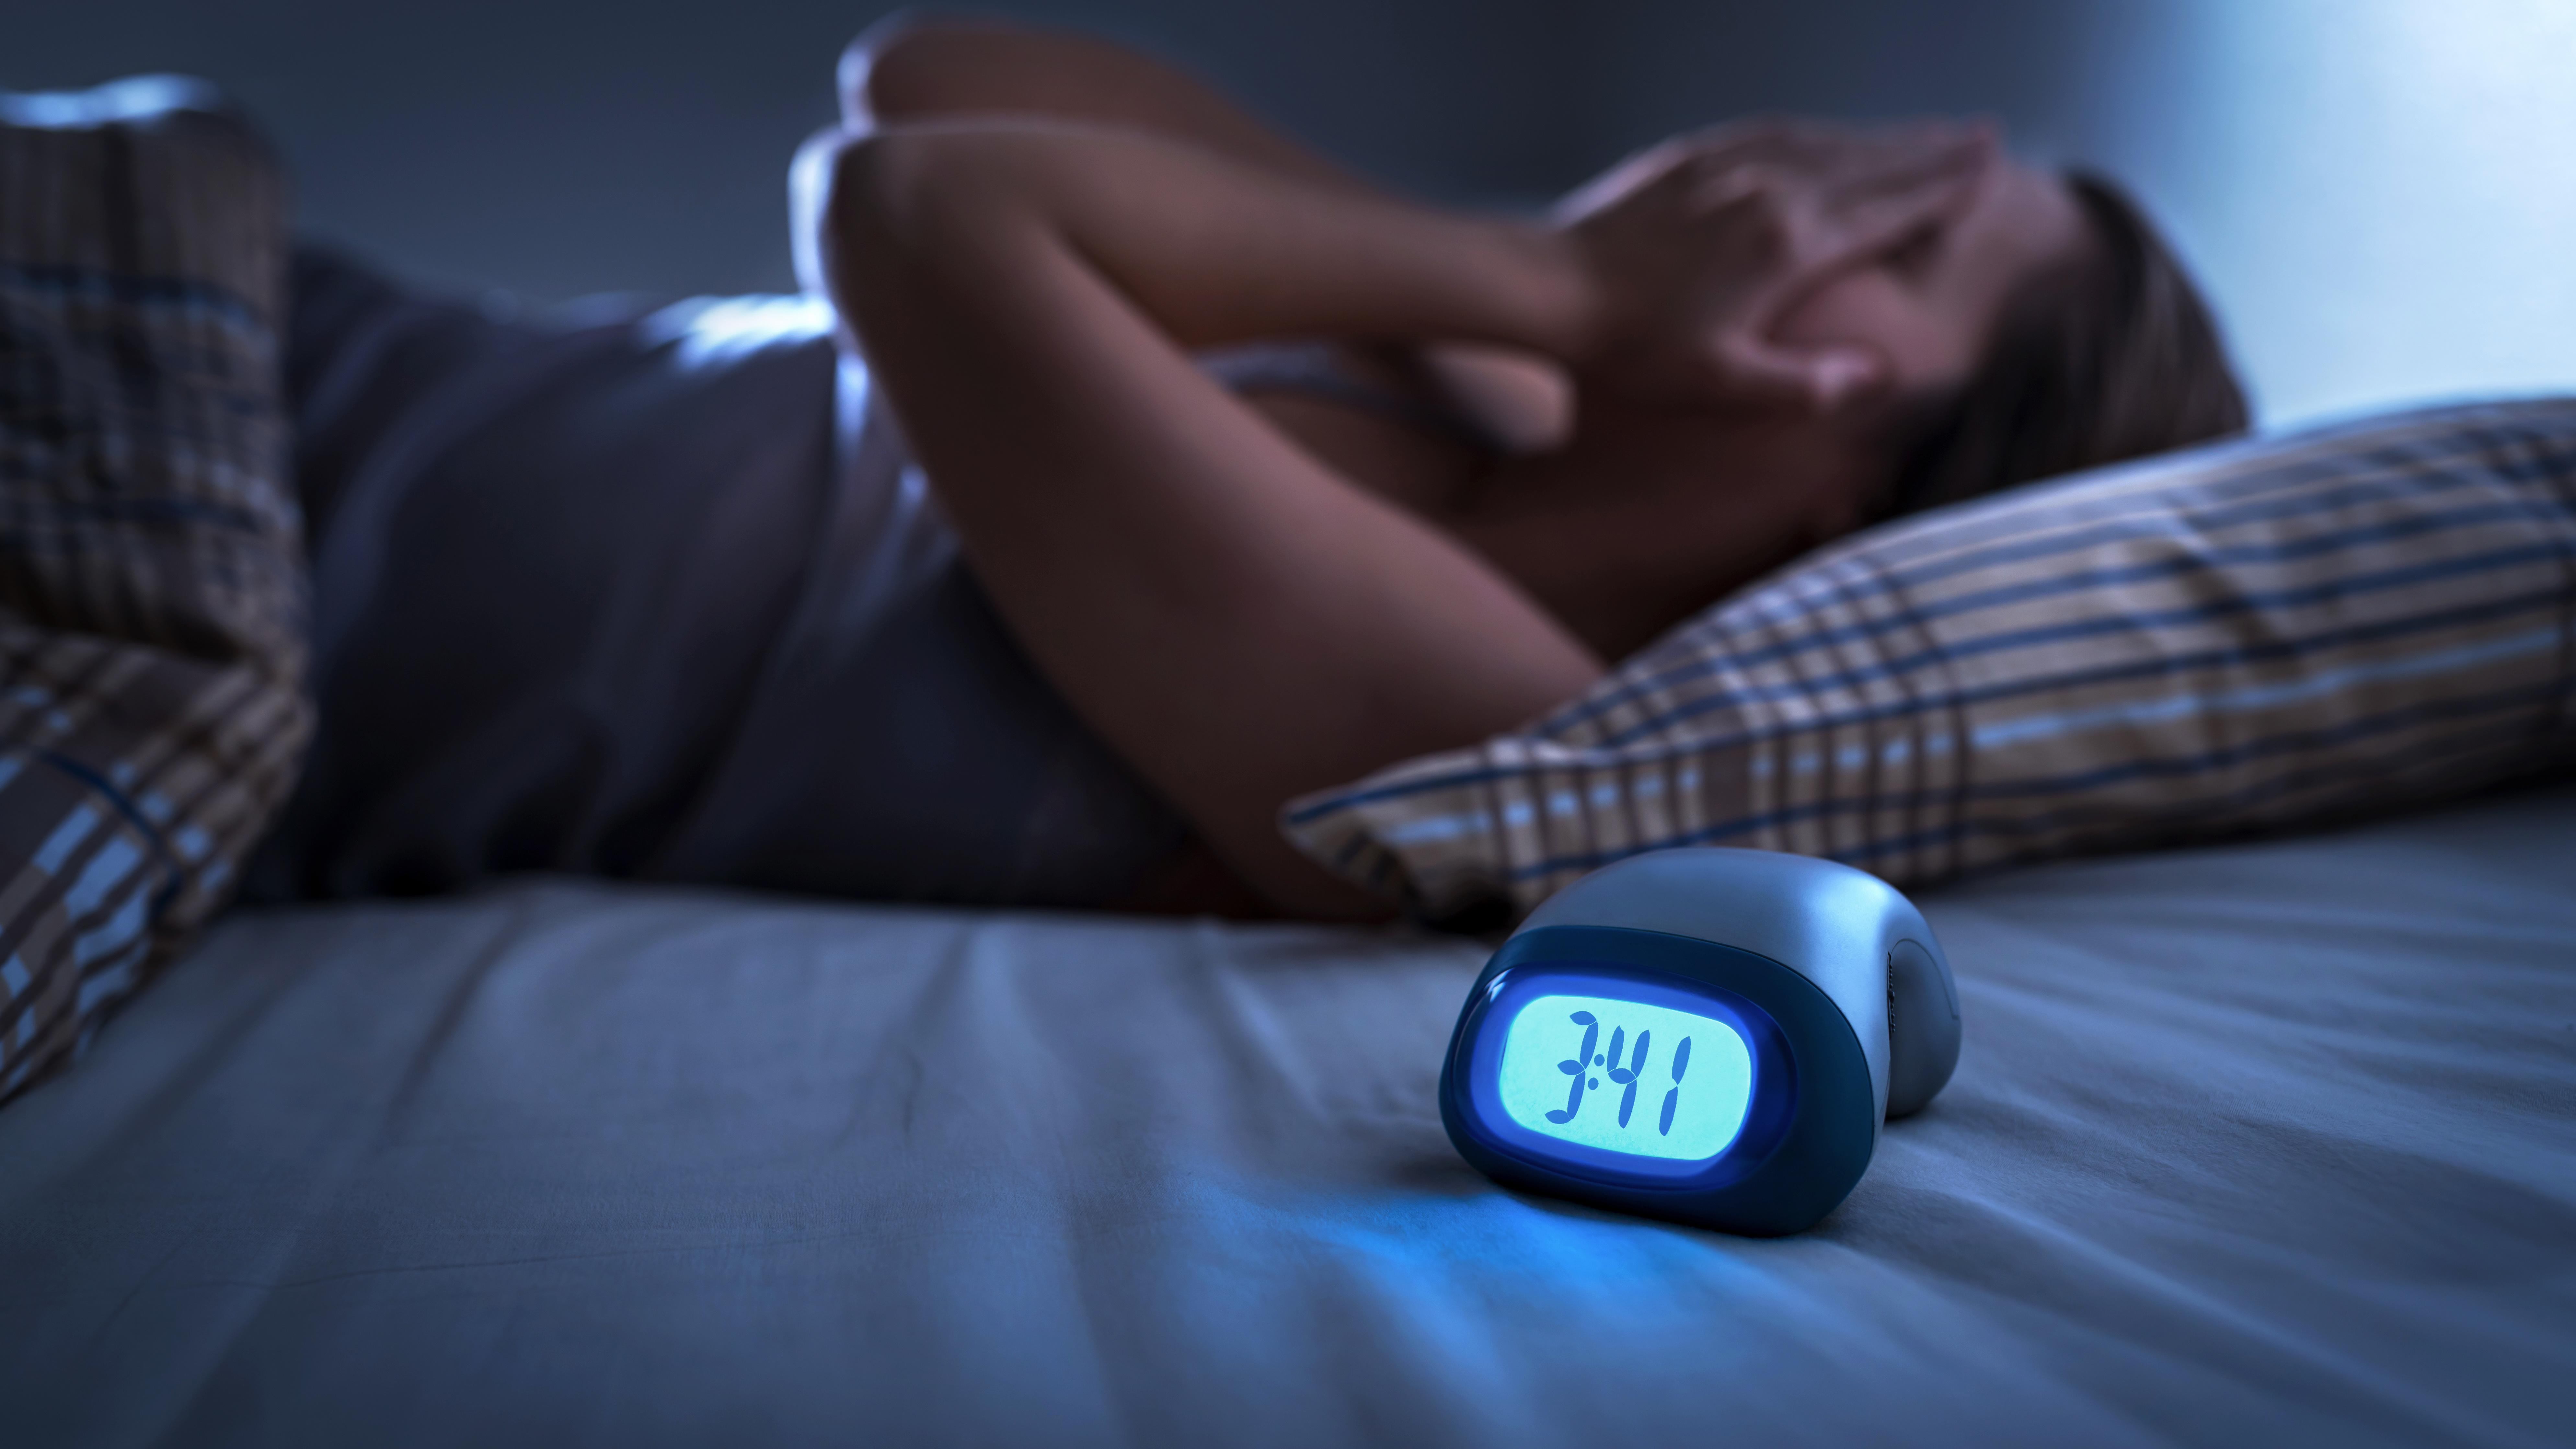 Schlaflose Frau hält Hände vor Gesicht. Wecker steht auf dem Bett